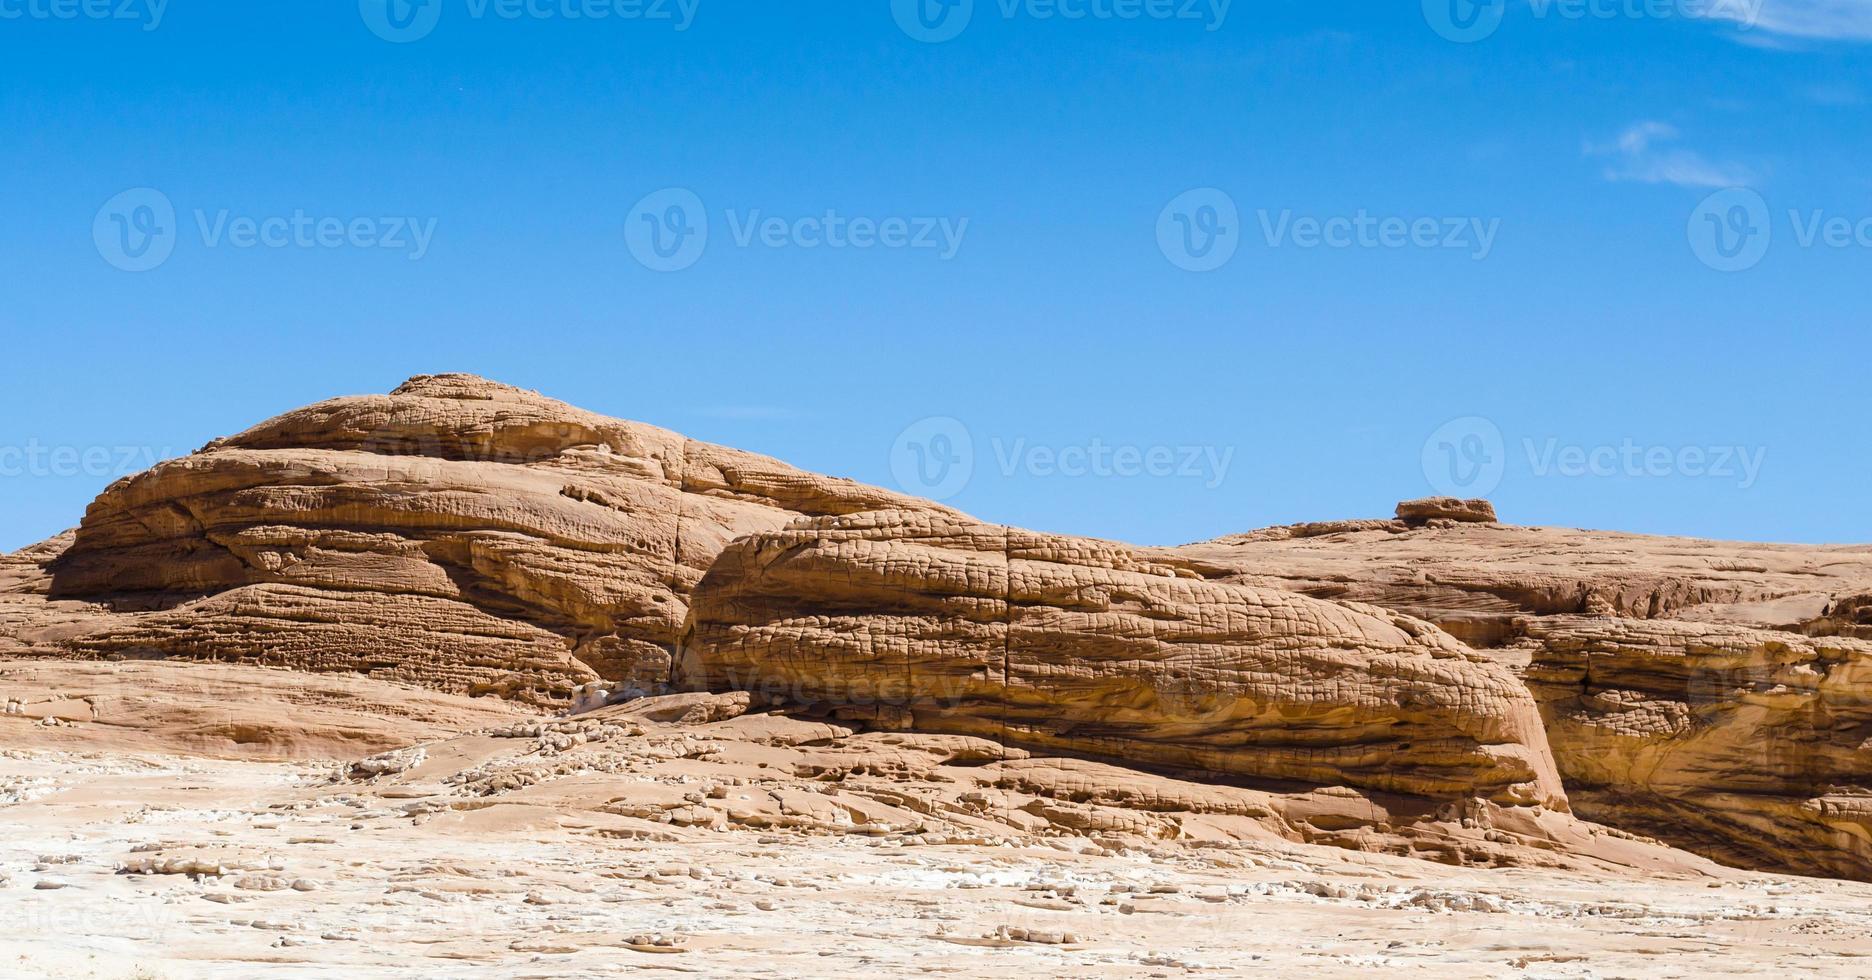 collines rocheuses dans le désert photo